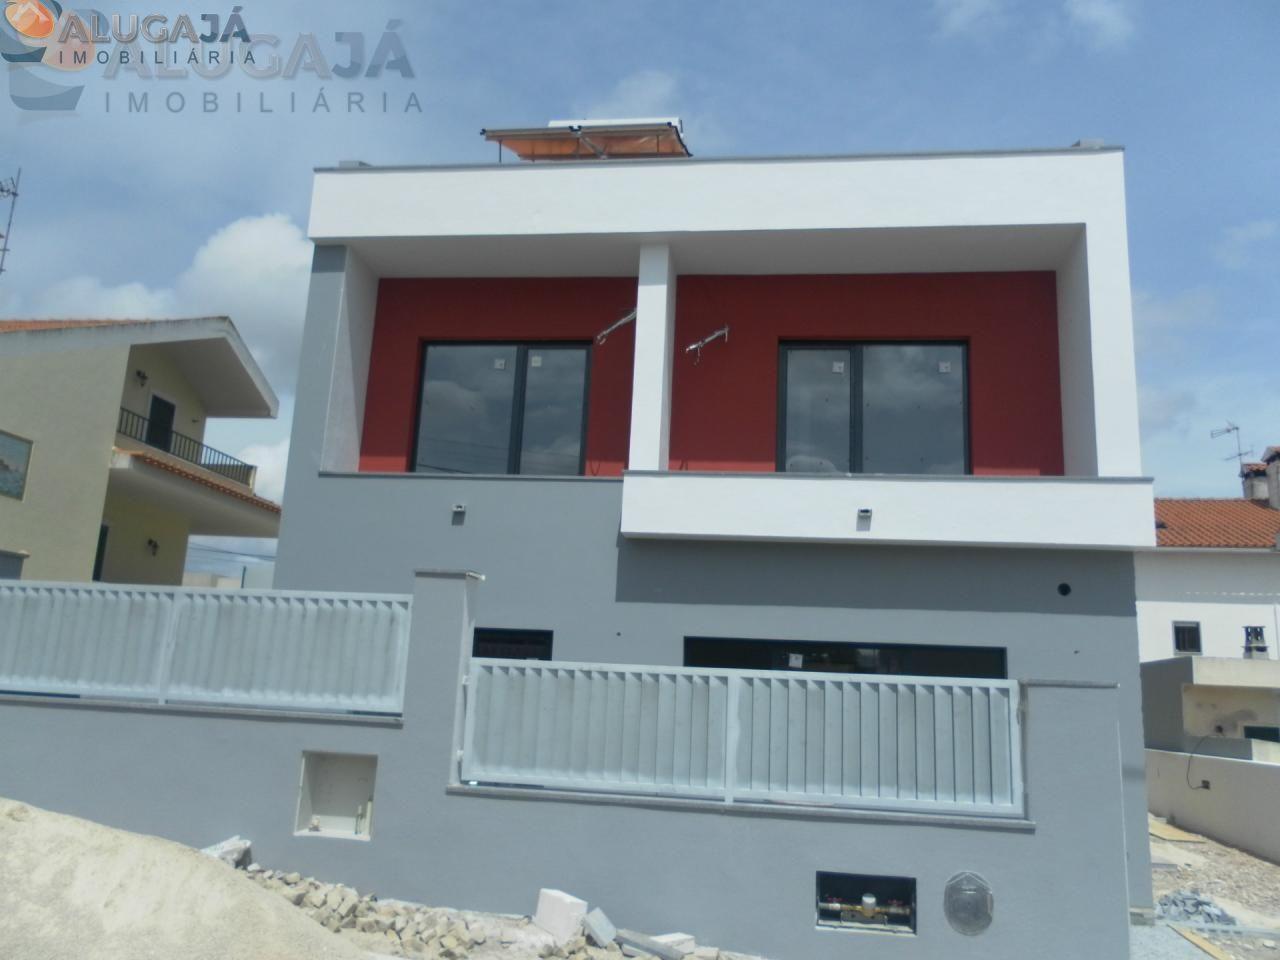 São Domingos de Rana - Moradia T4+1 composta por 3 pisos (SM-2046)